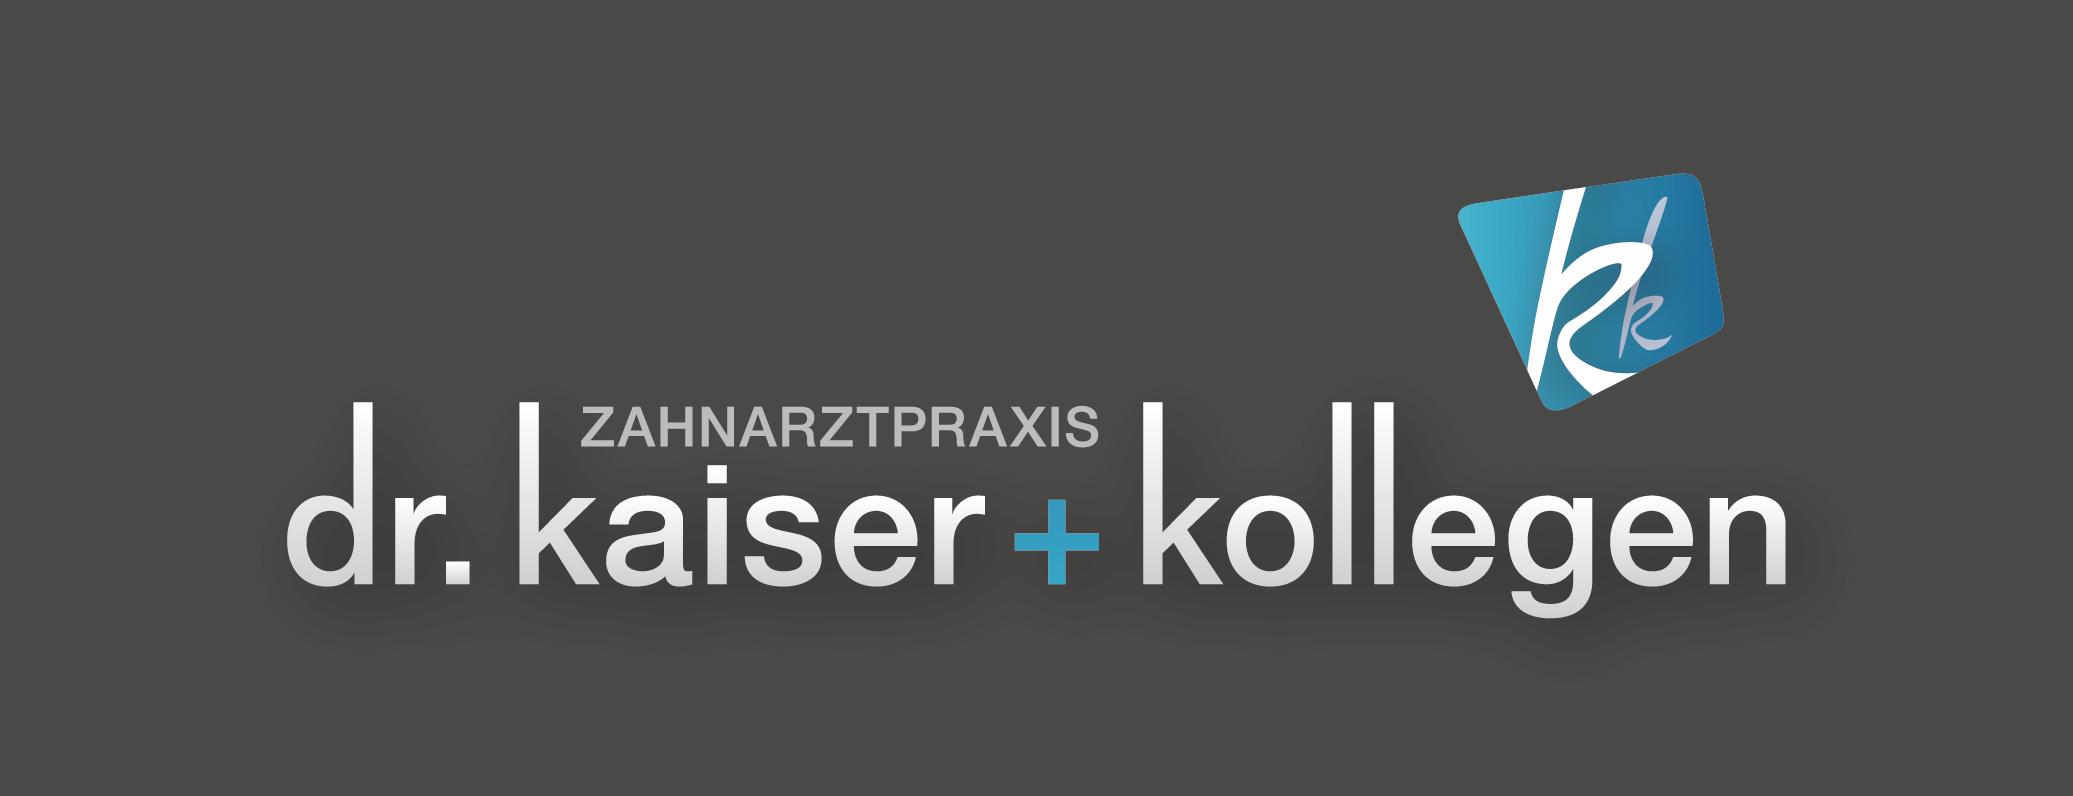 Zahnarztpraxis Dr. Kaiser + Kollegen